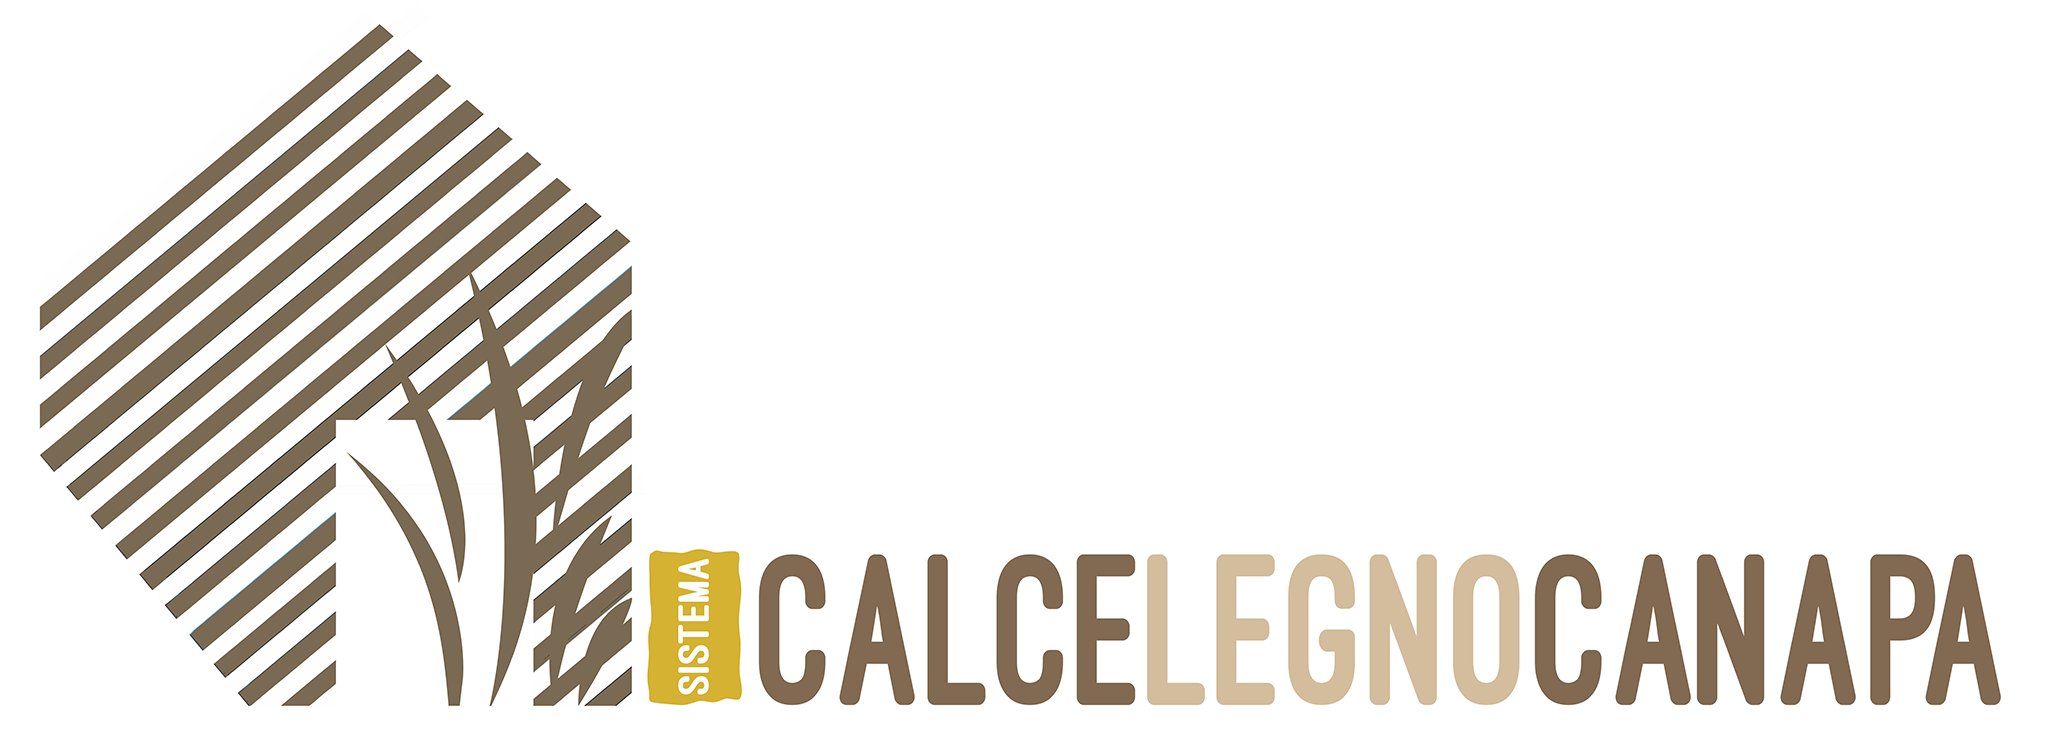 Logo Sistema Calce Legno Canapa